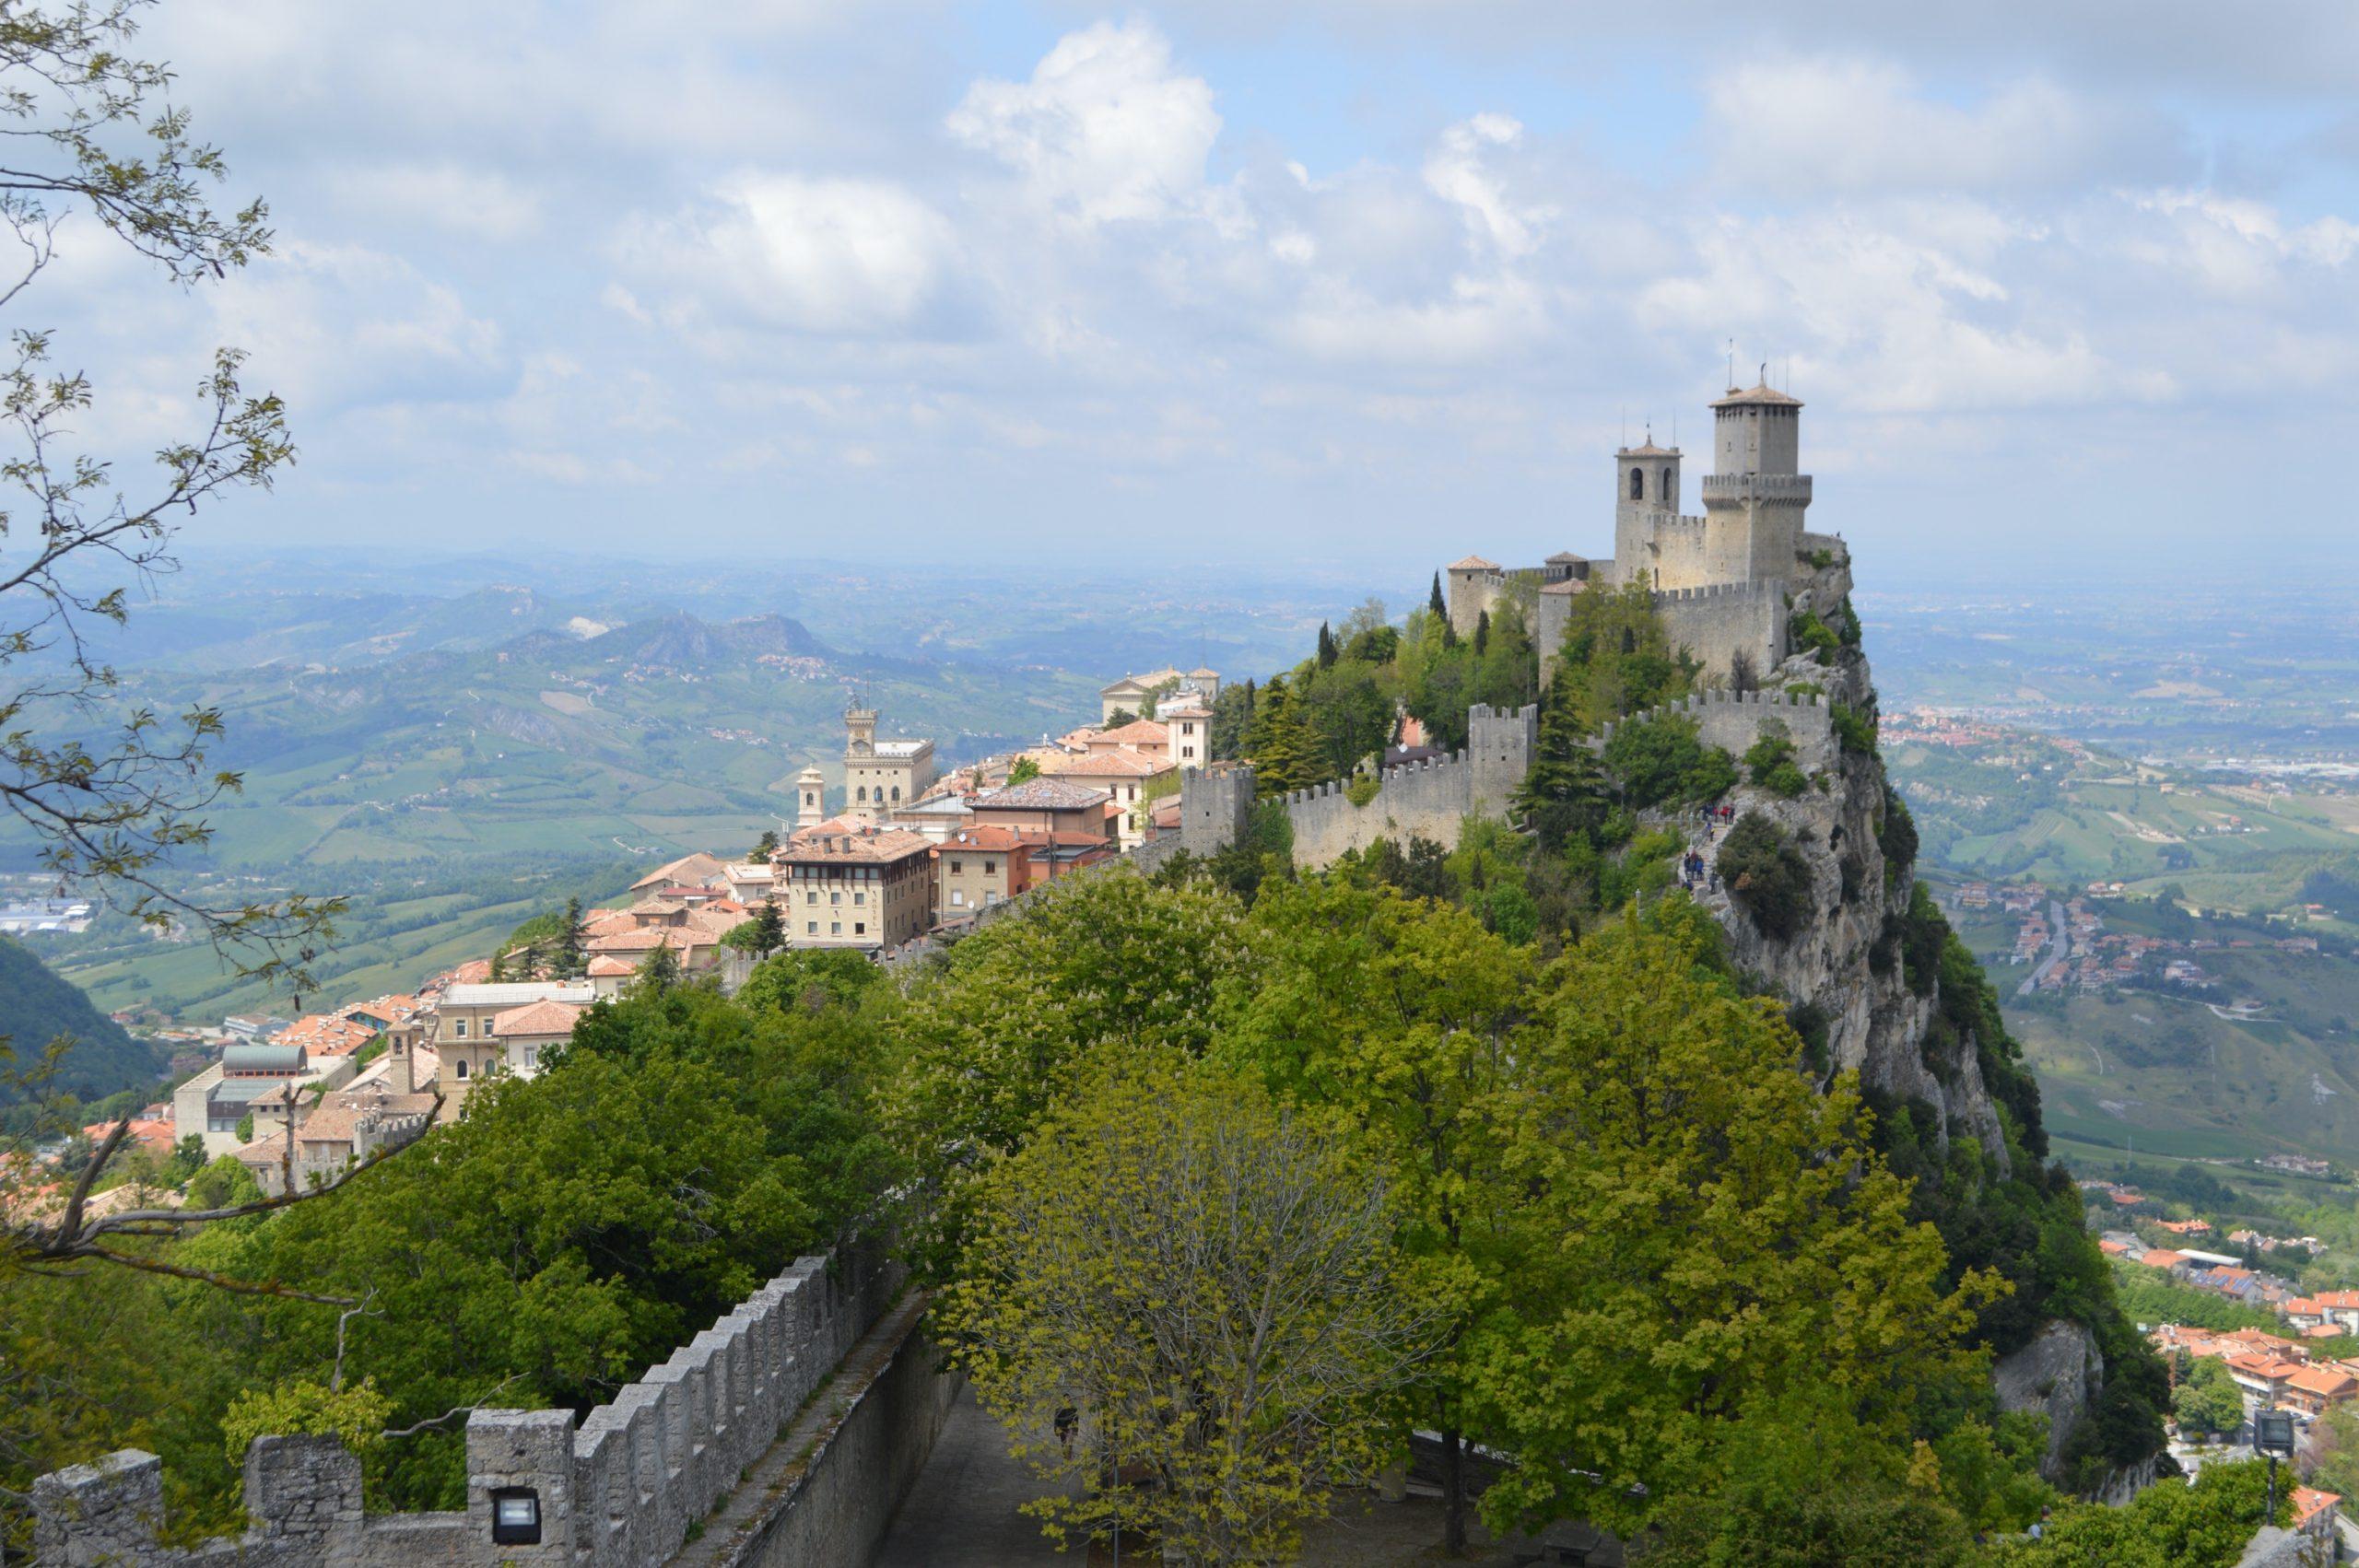 Vistas de Guaita desde Fratta